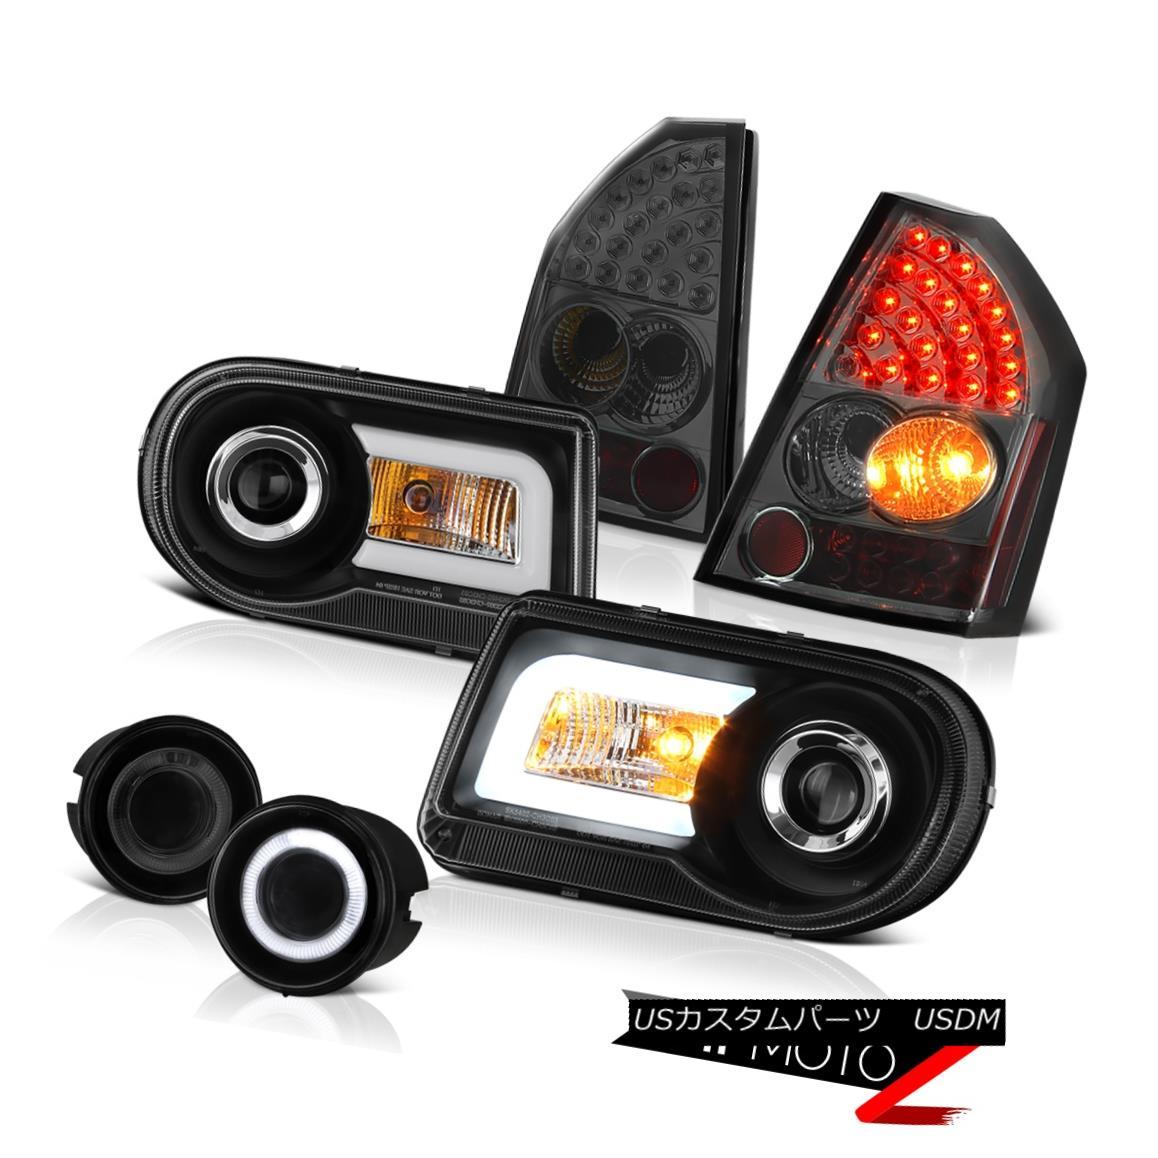 テールライト 08-10 Chrysler 300C LED Projector Headlights Smoked L.E.D Tail Lamps Halo Fog 08-10 Chrysler 300C LEDプロジェクターヘッドライトスモークL.E.DテールランプHalo Fog